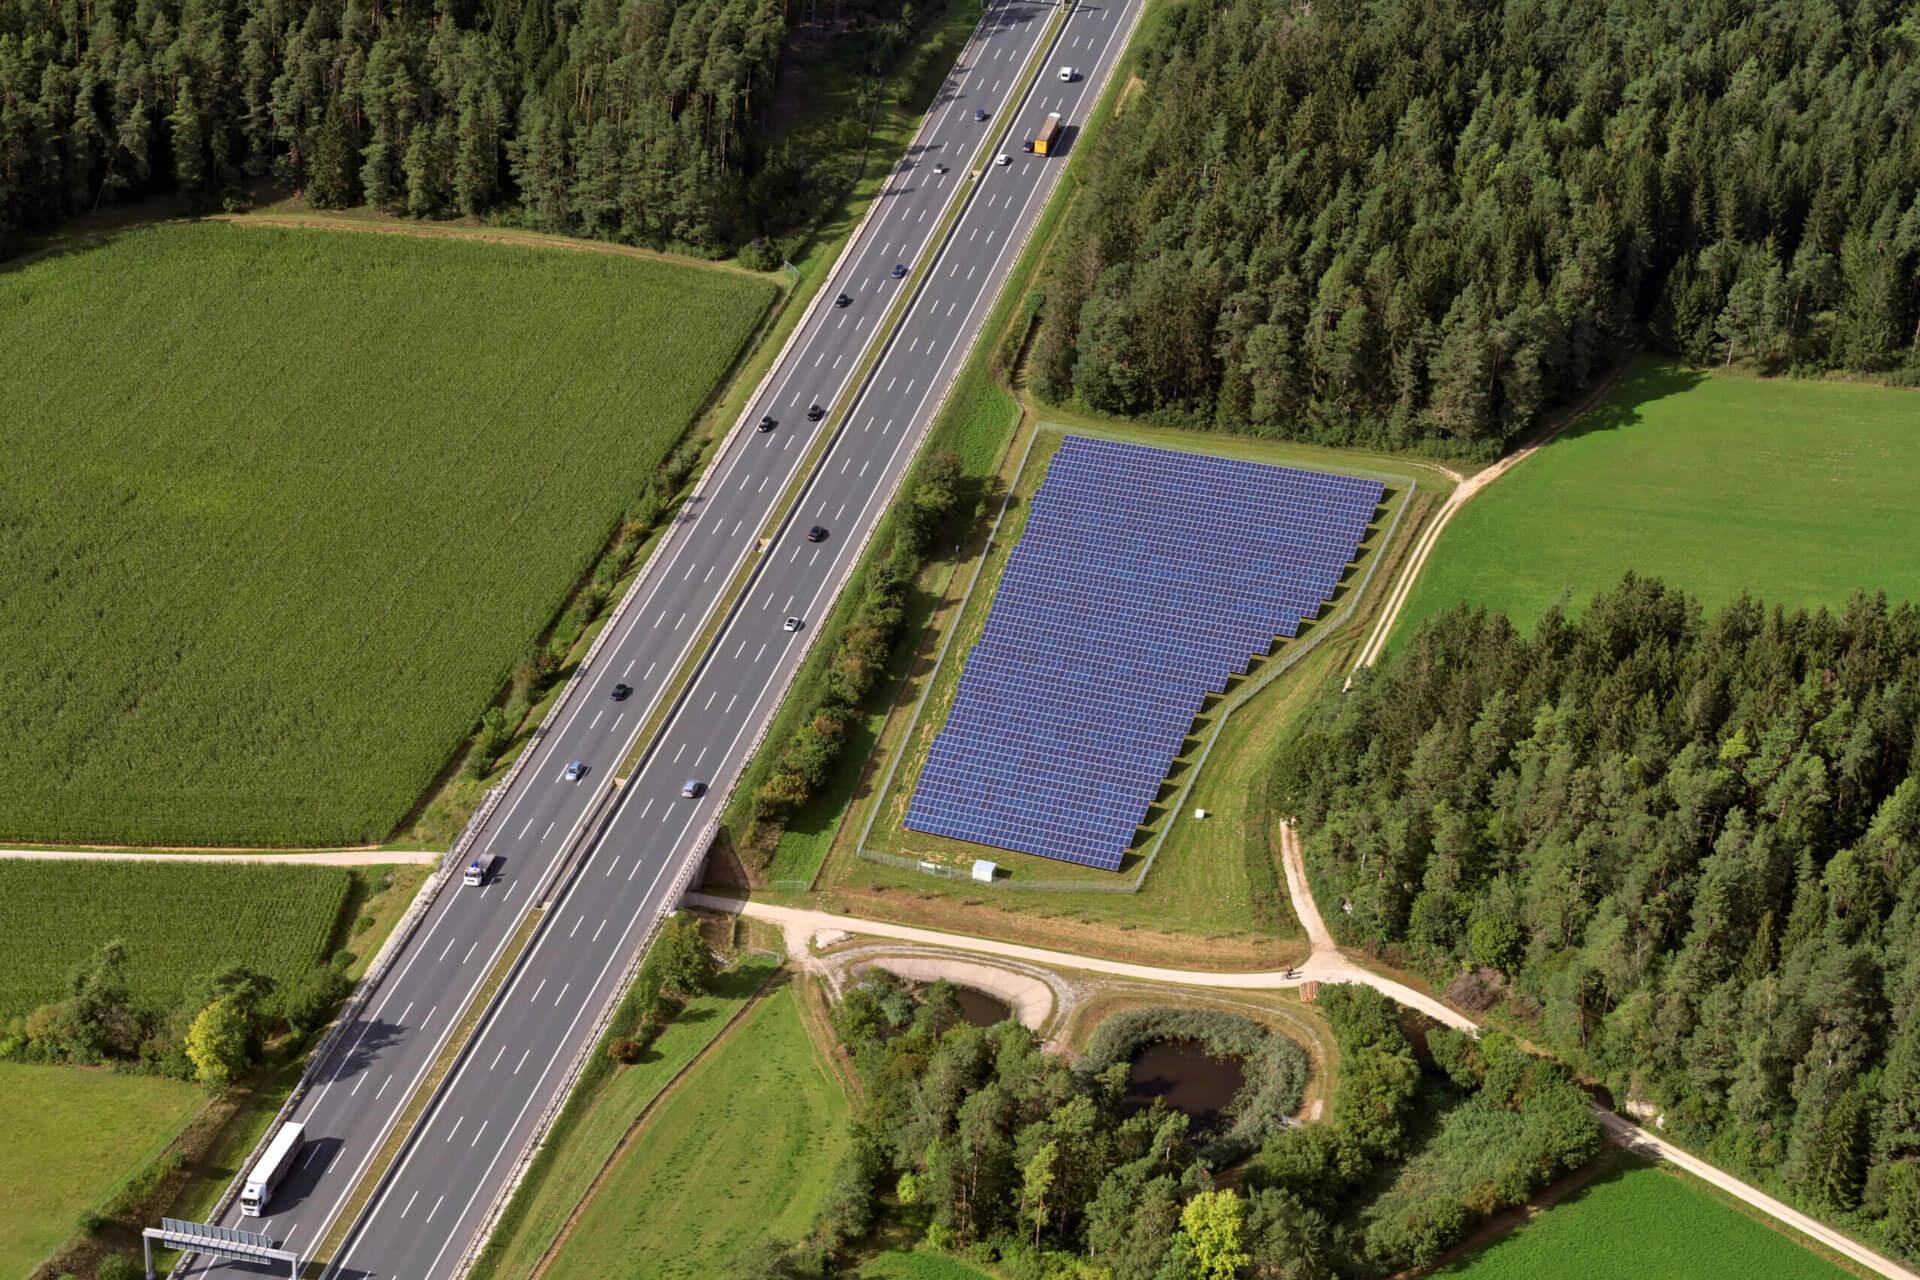 Solarpark Ottenhof Luftbild